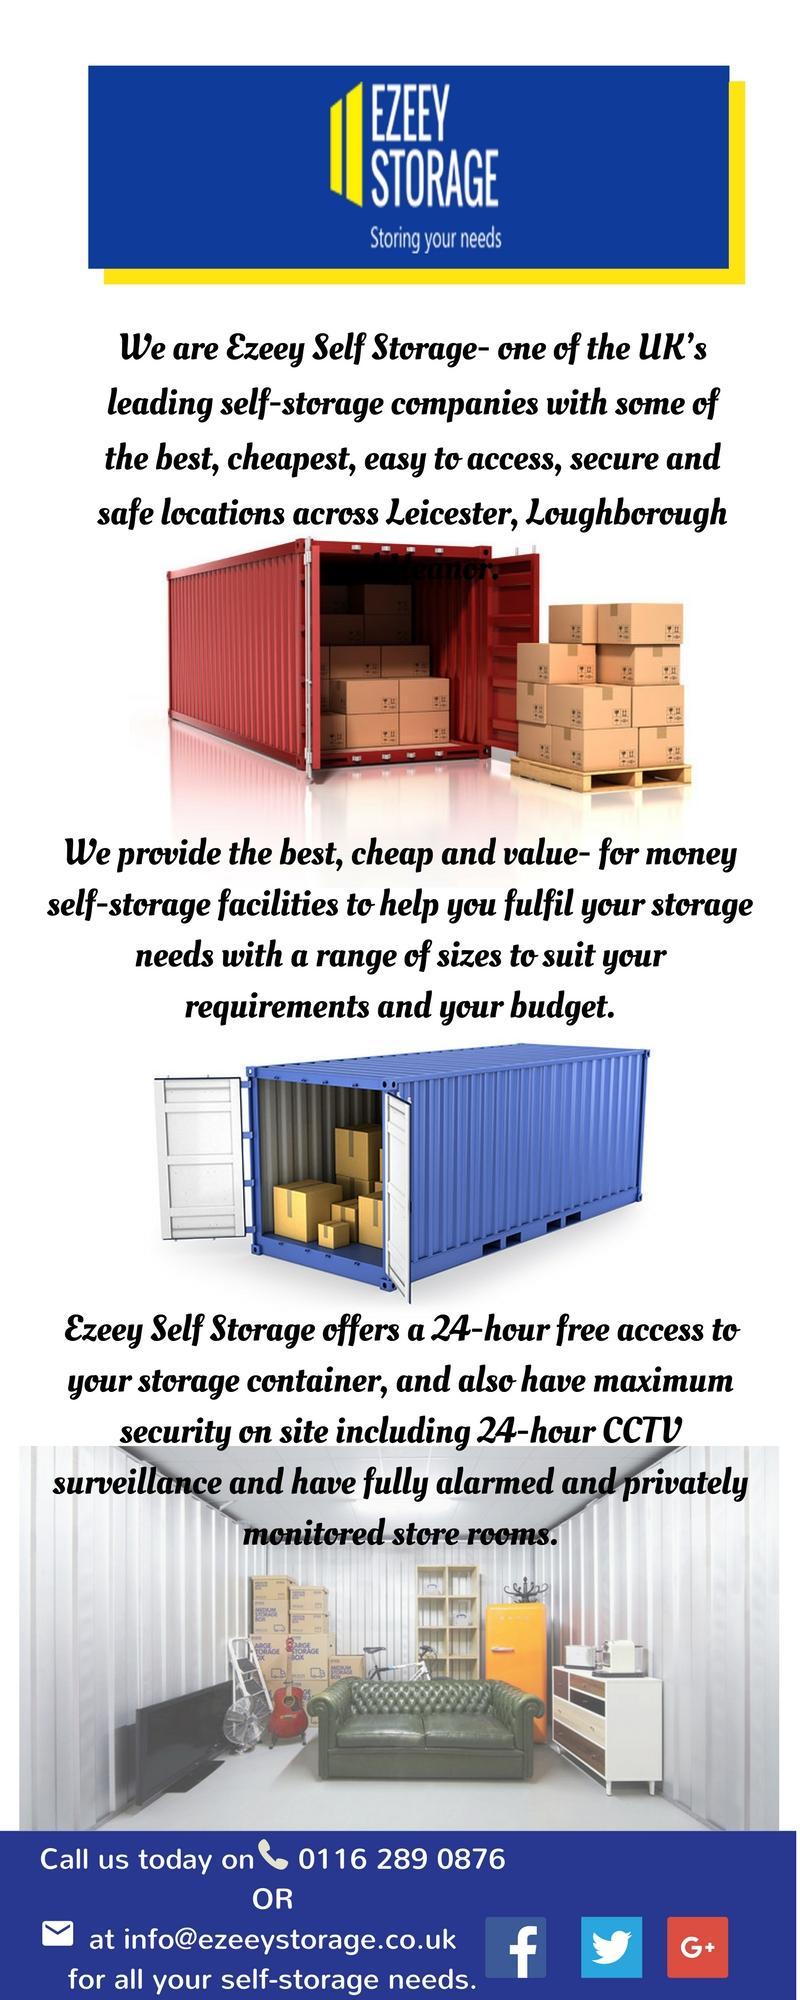 ezeey-storage